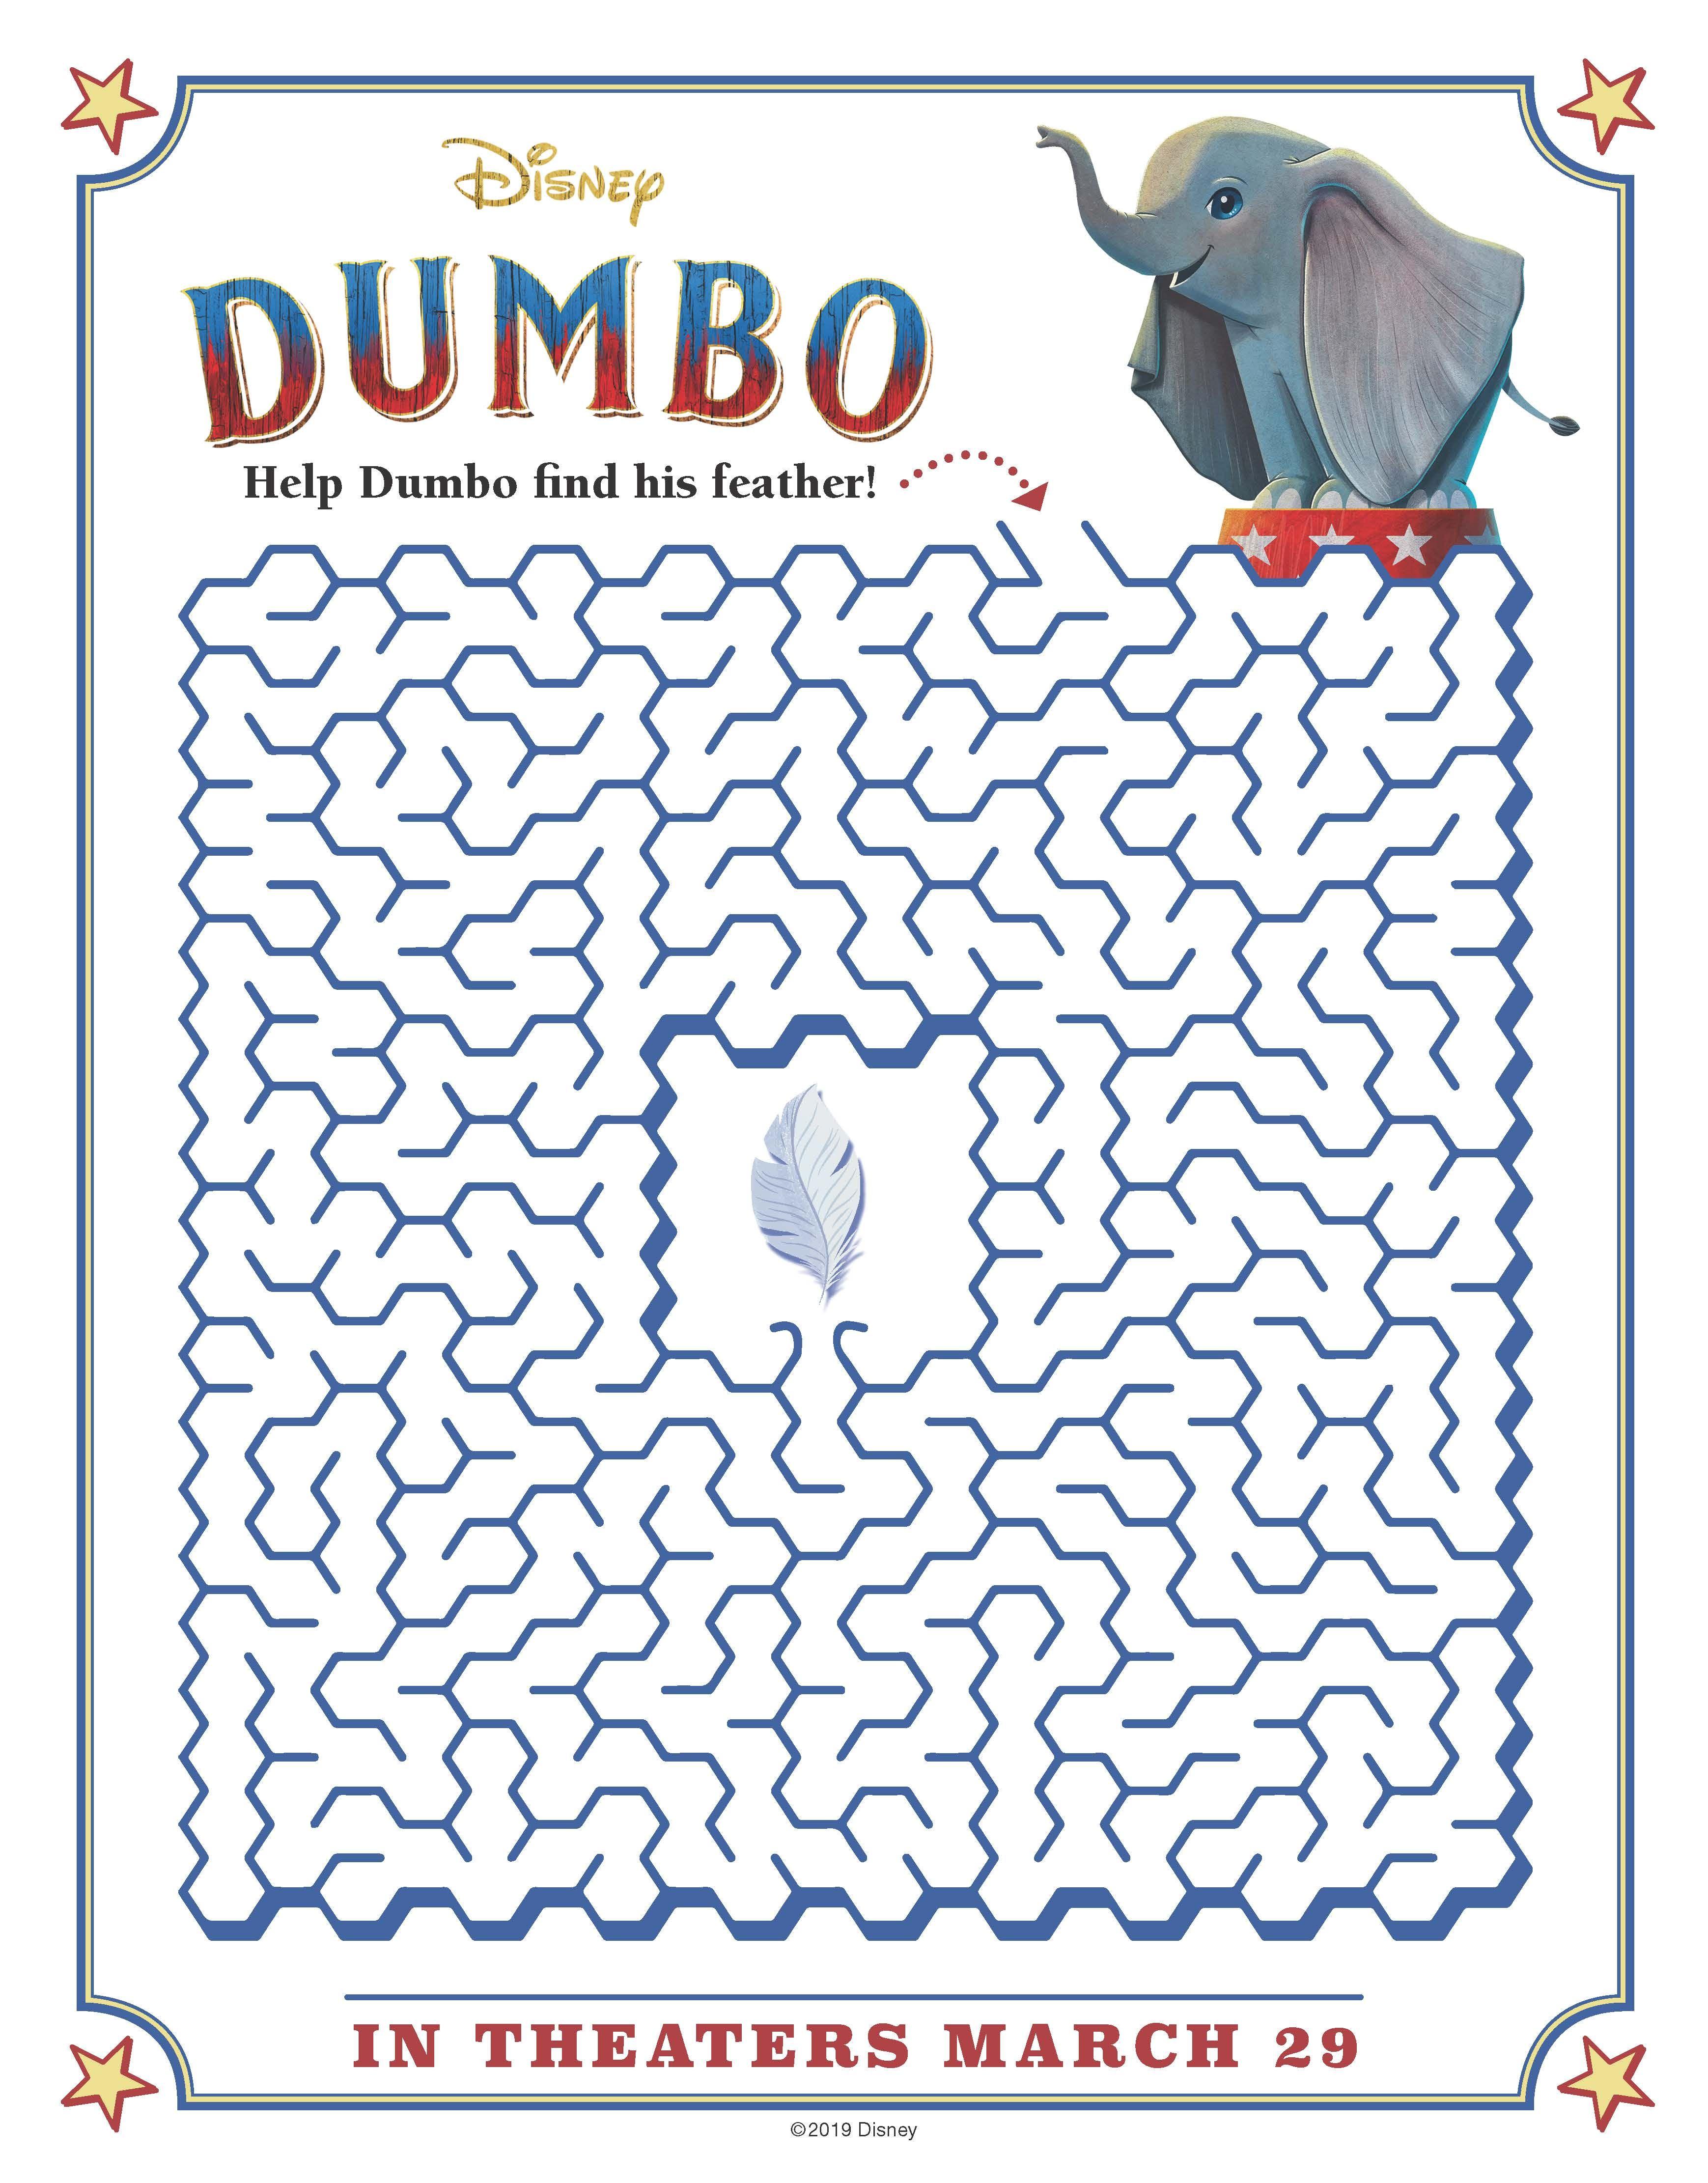 Free Printable Disney Dumbo Maze Activity Page